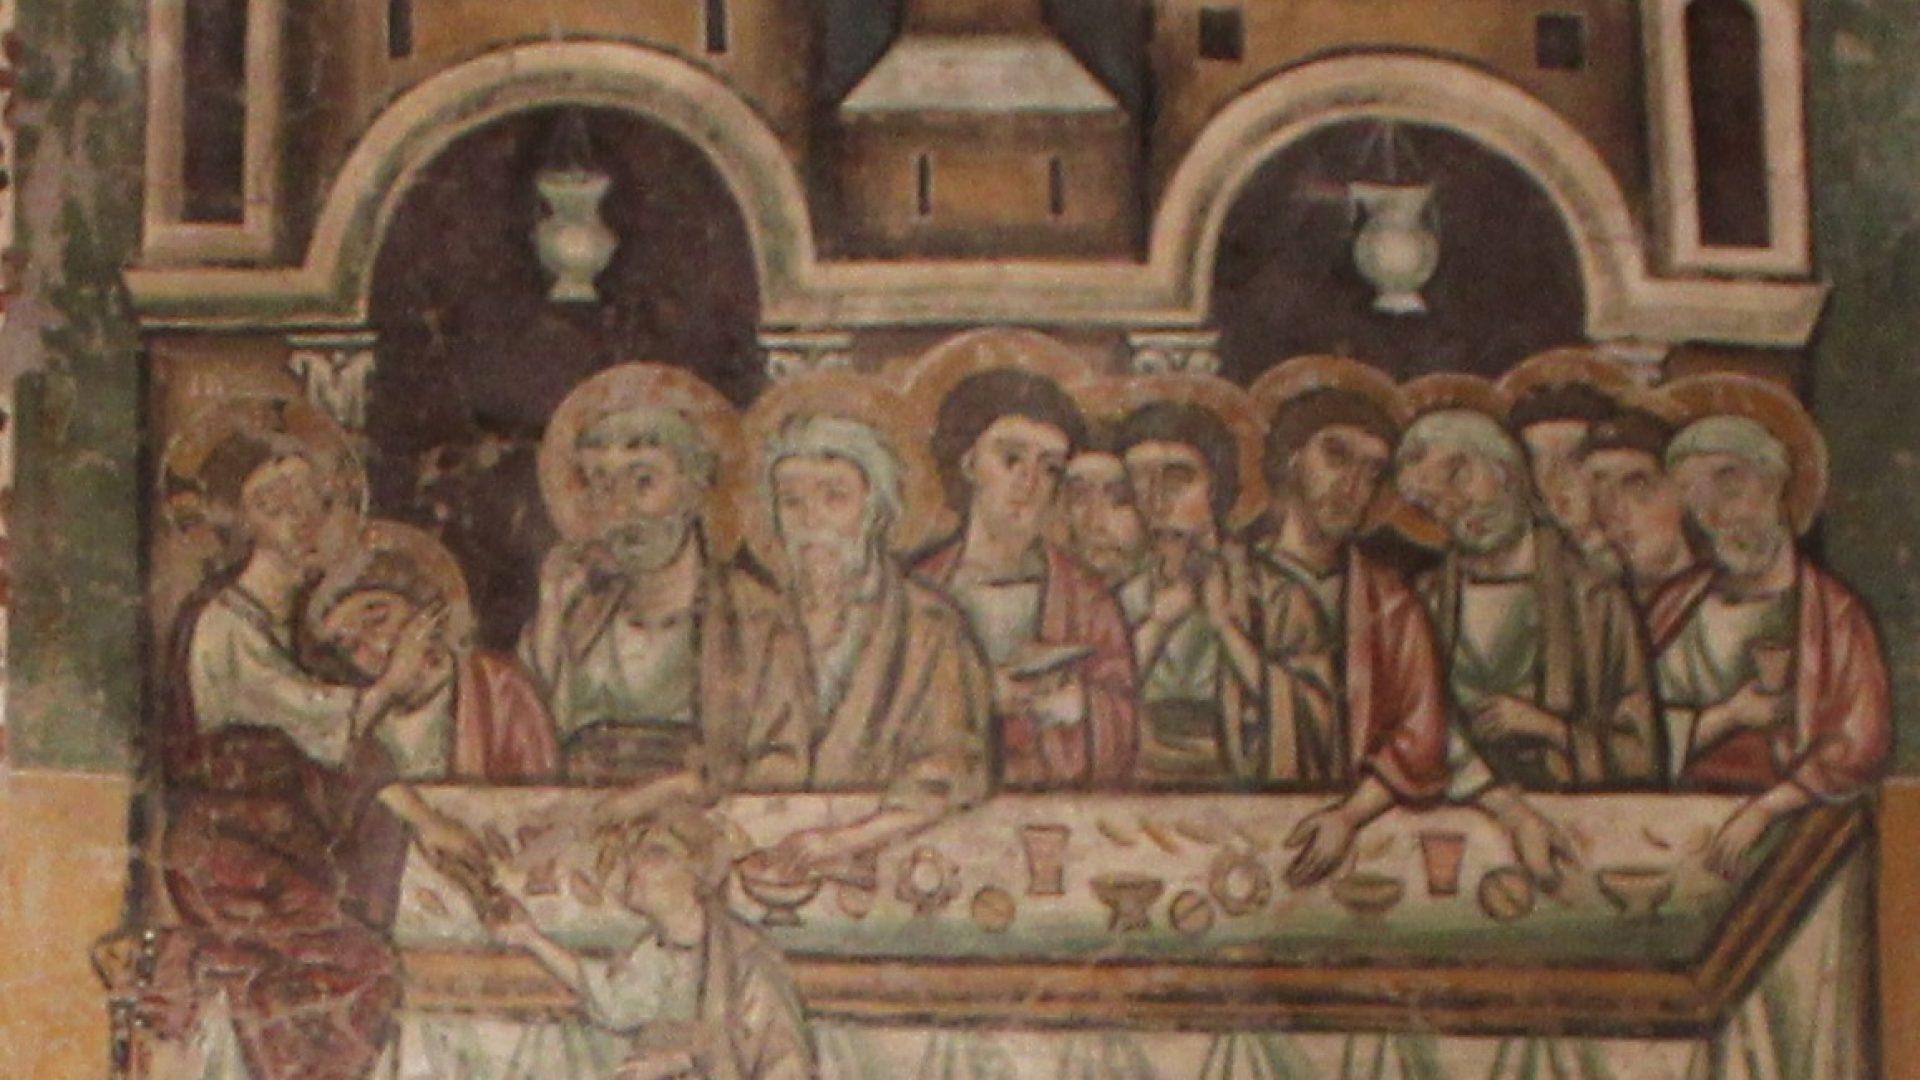 ALESSANDRO IV, IL MAESTRO IGNOTO E L'ULTIMA CENA. I TESORI DI SAN PIETRO IN VINEIS